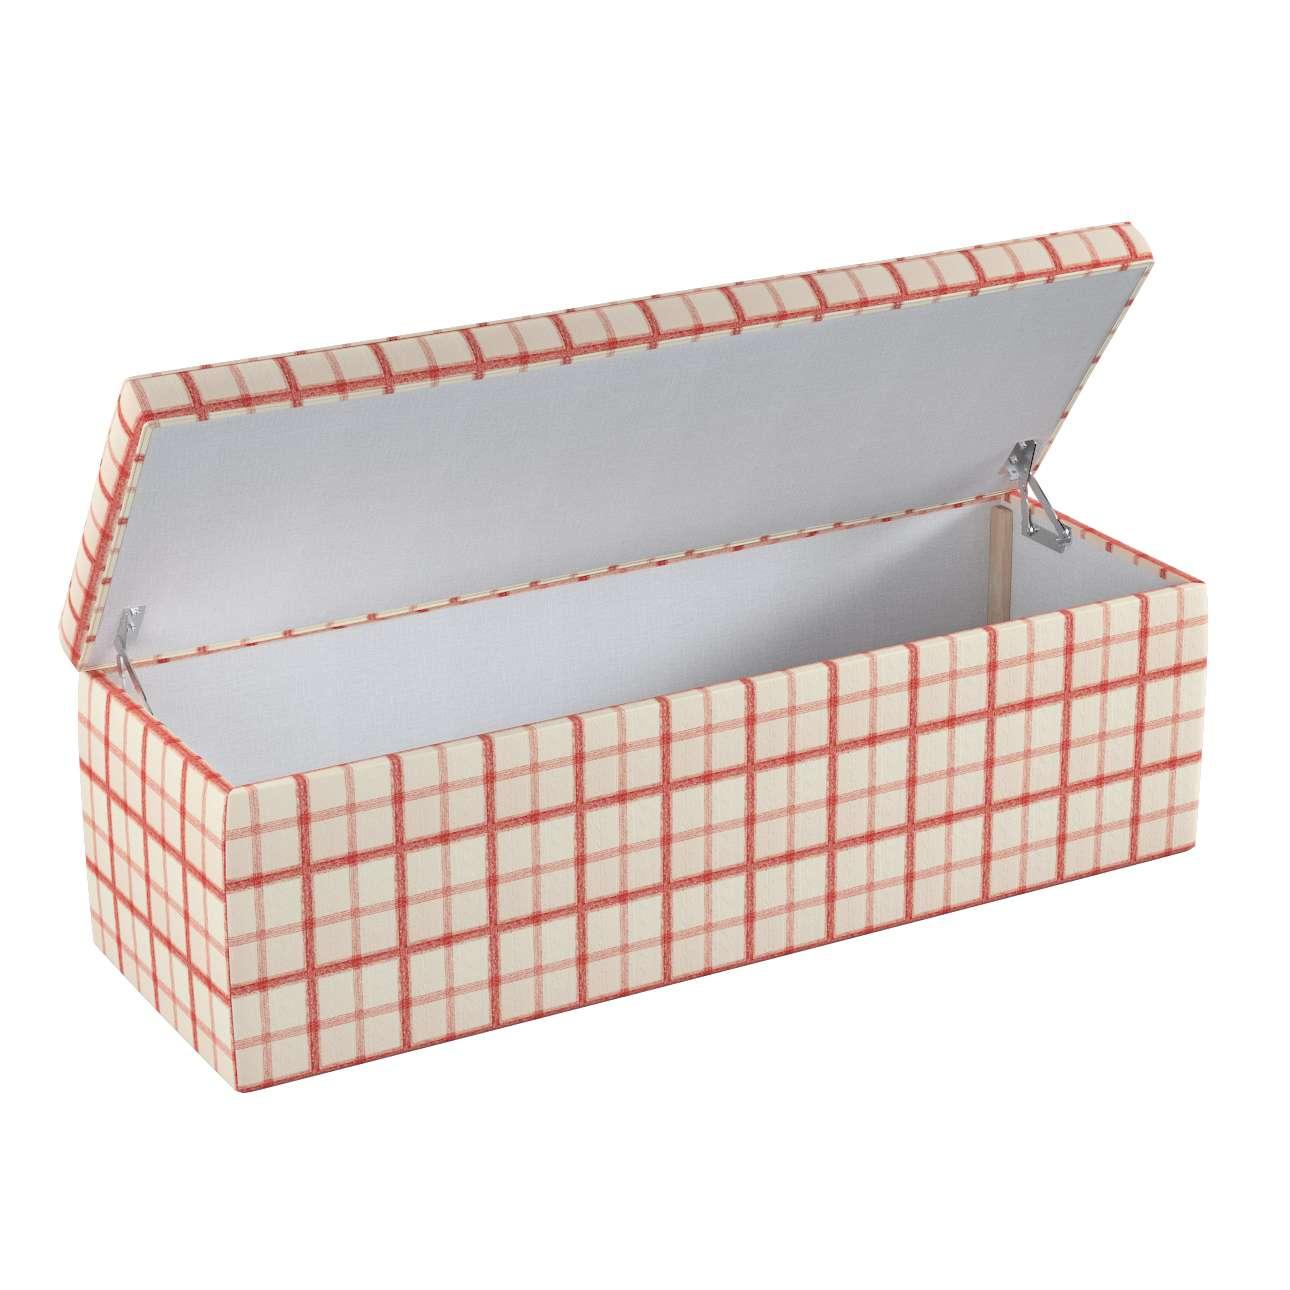 Skrzynia tapicerowana 90x40x40 cm w kolekcji Avinon, tkanina: 131-15